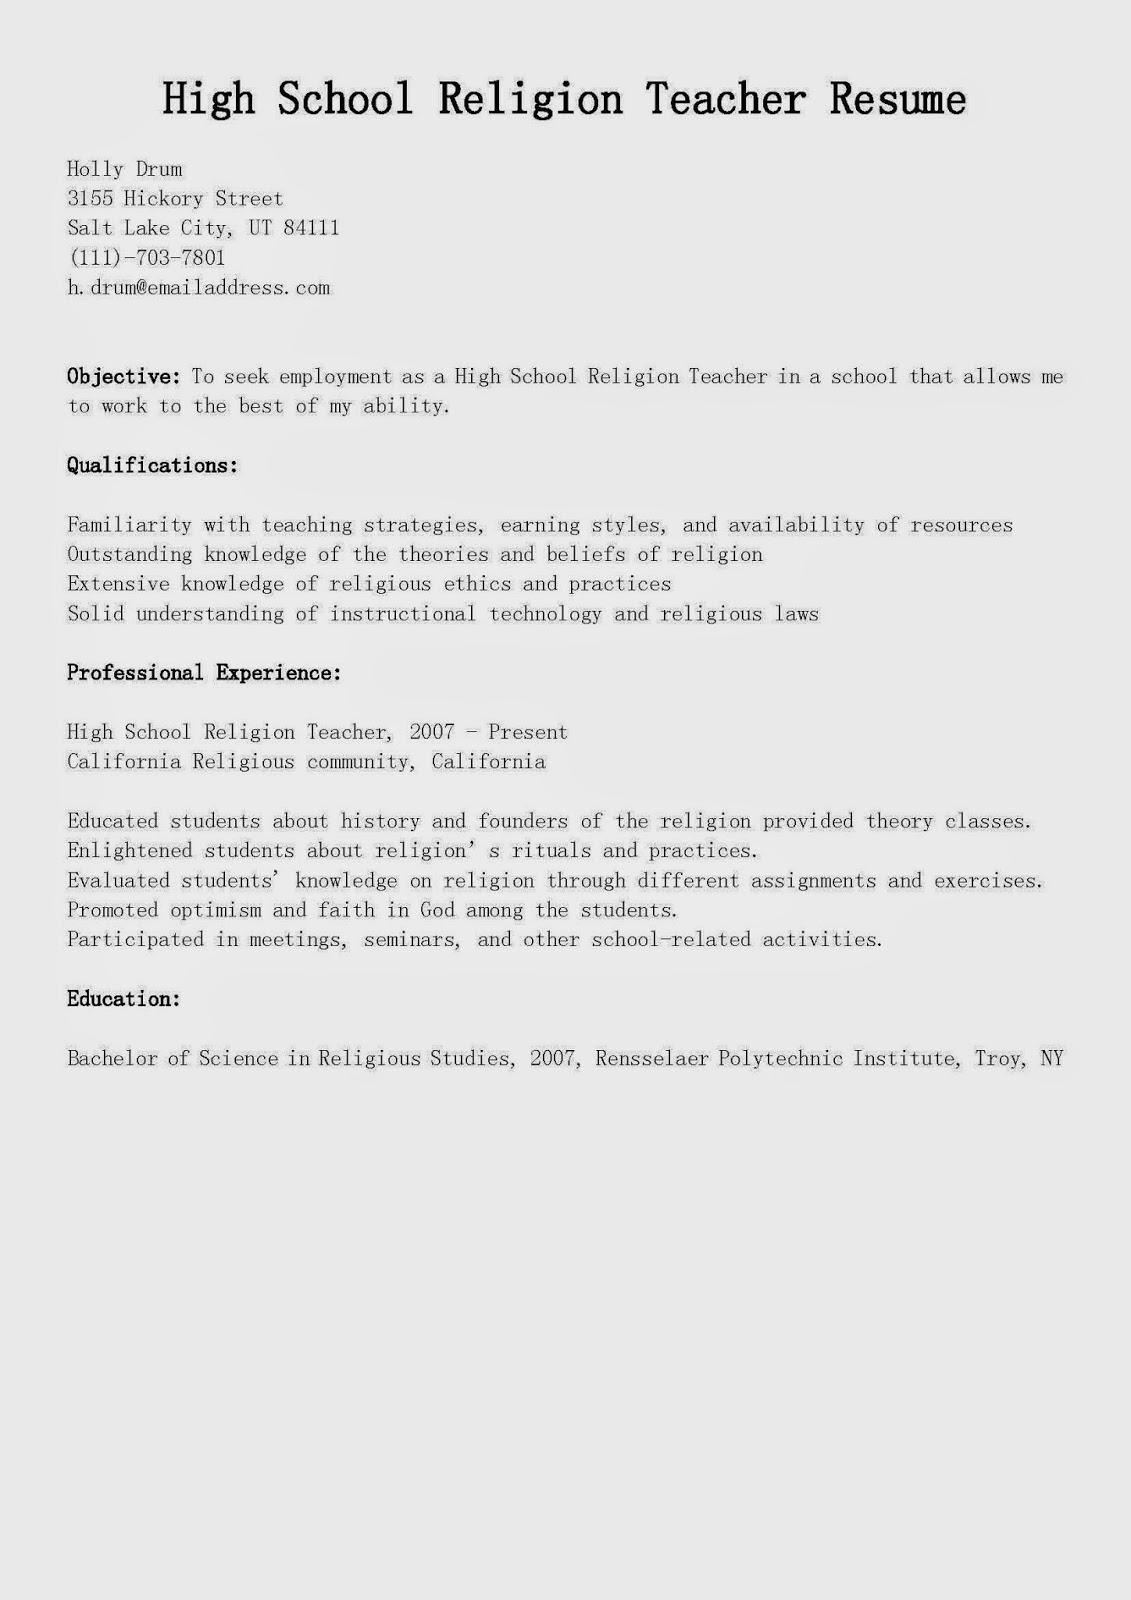 resume samples  high school religion teacher resume sample